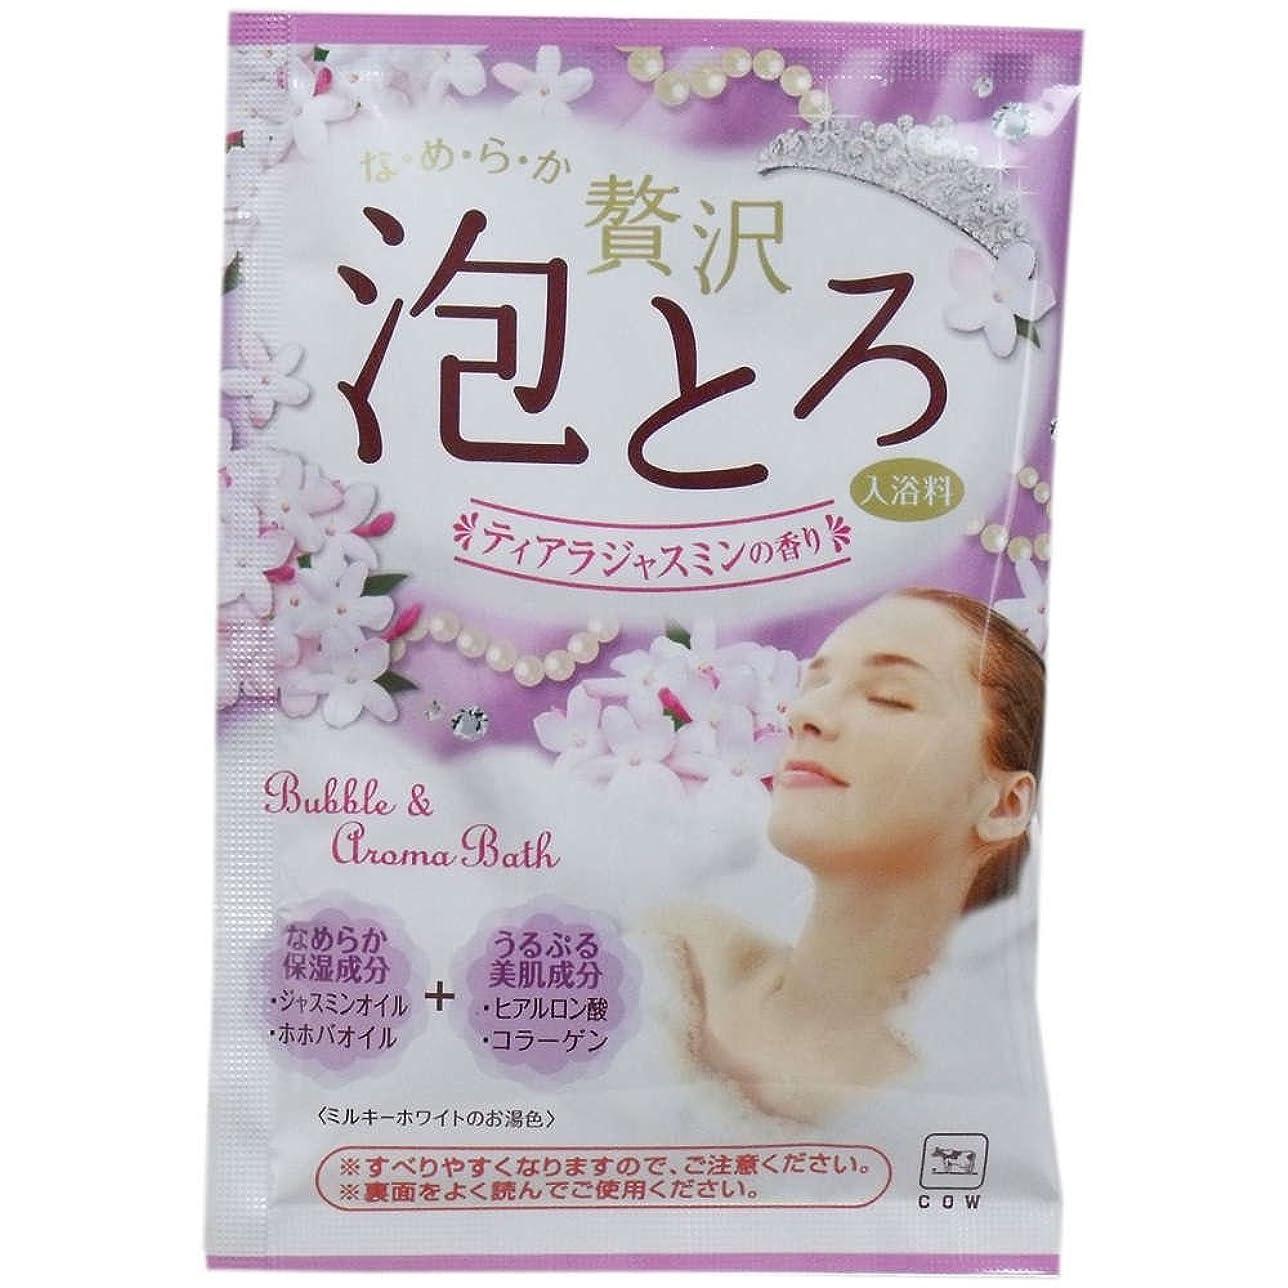 火薬体系的に判読できない牛乳石鹸共進社 贅沢泡とろ 入浴料 ティアラジャスミンの香り 30g